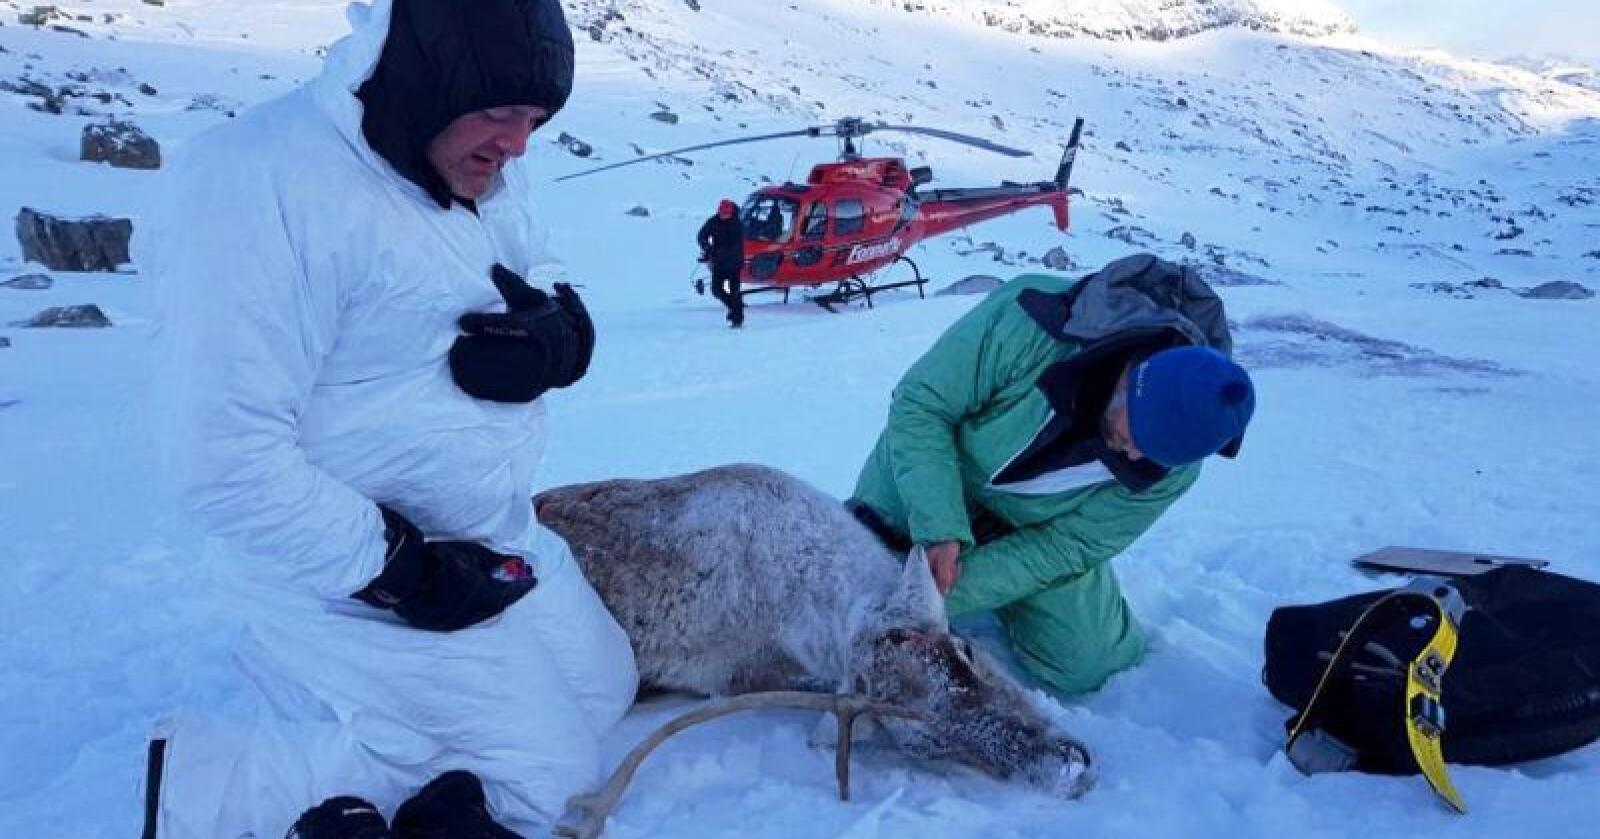 Klimaproblem: Det skapte stor debatt vinteren 2018 da det ble registrert isklumper på opptil flere kilo på GPS-senderne på noen av de merka reinsdyra i Nordfjellaområdet (bildet). Tettere oppfølging av merka dyr og  en ny type GPS-sendere skal forebygge slike hendelser i framtida. Foto: SNO